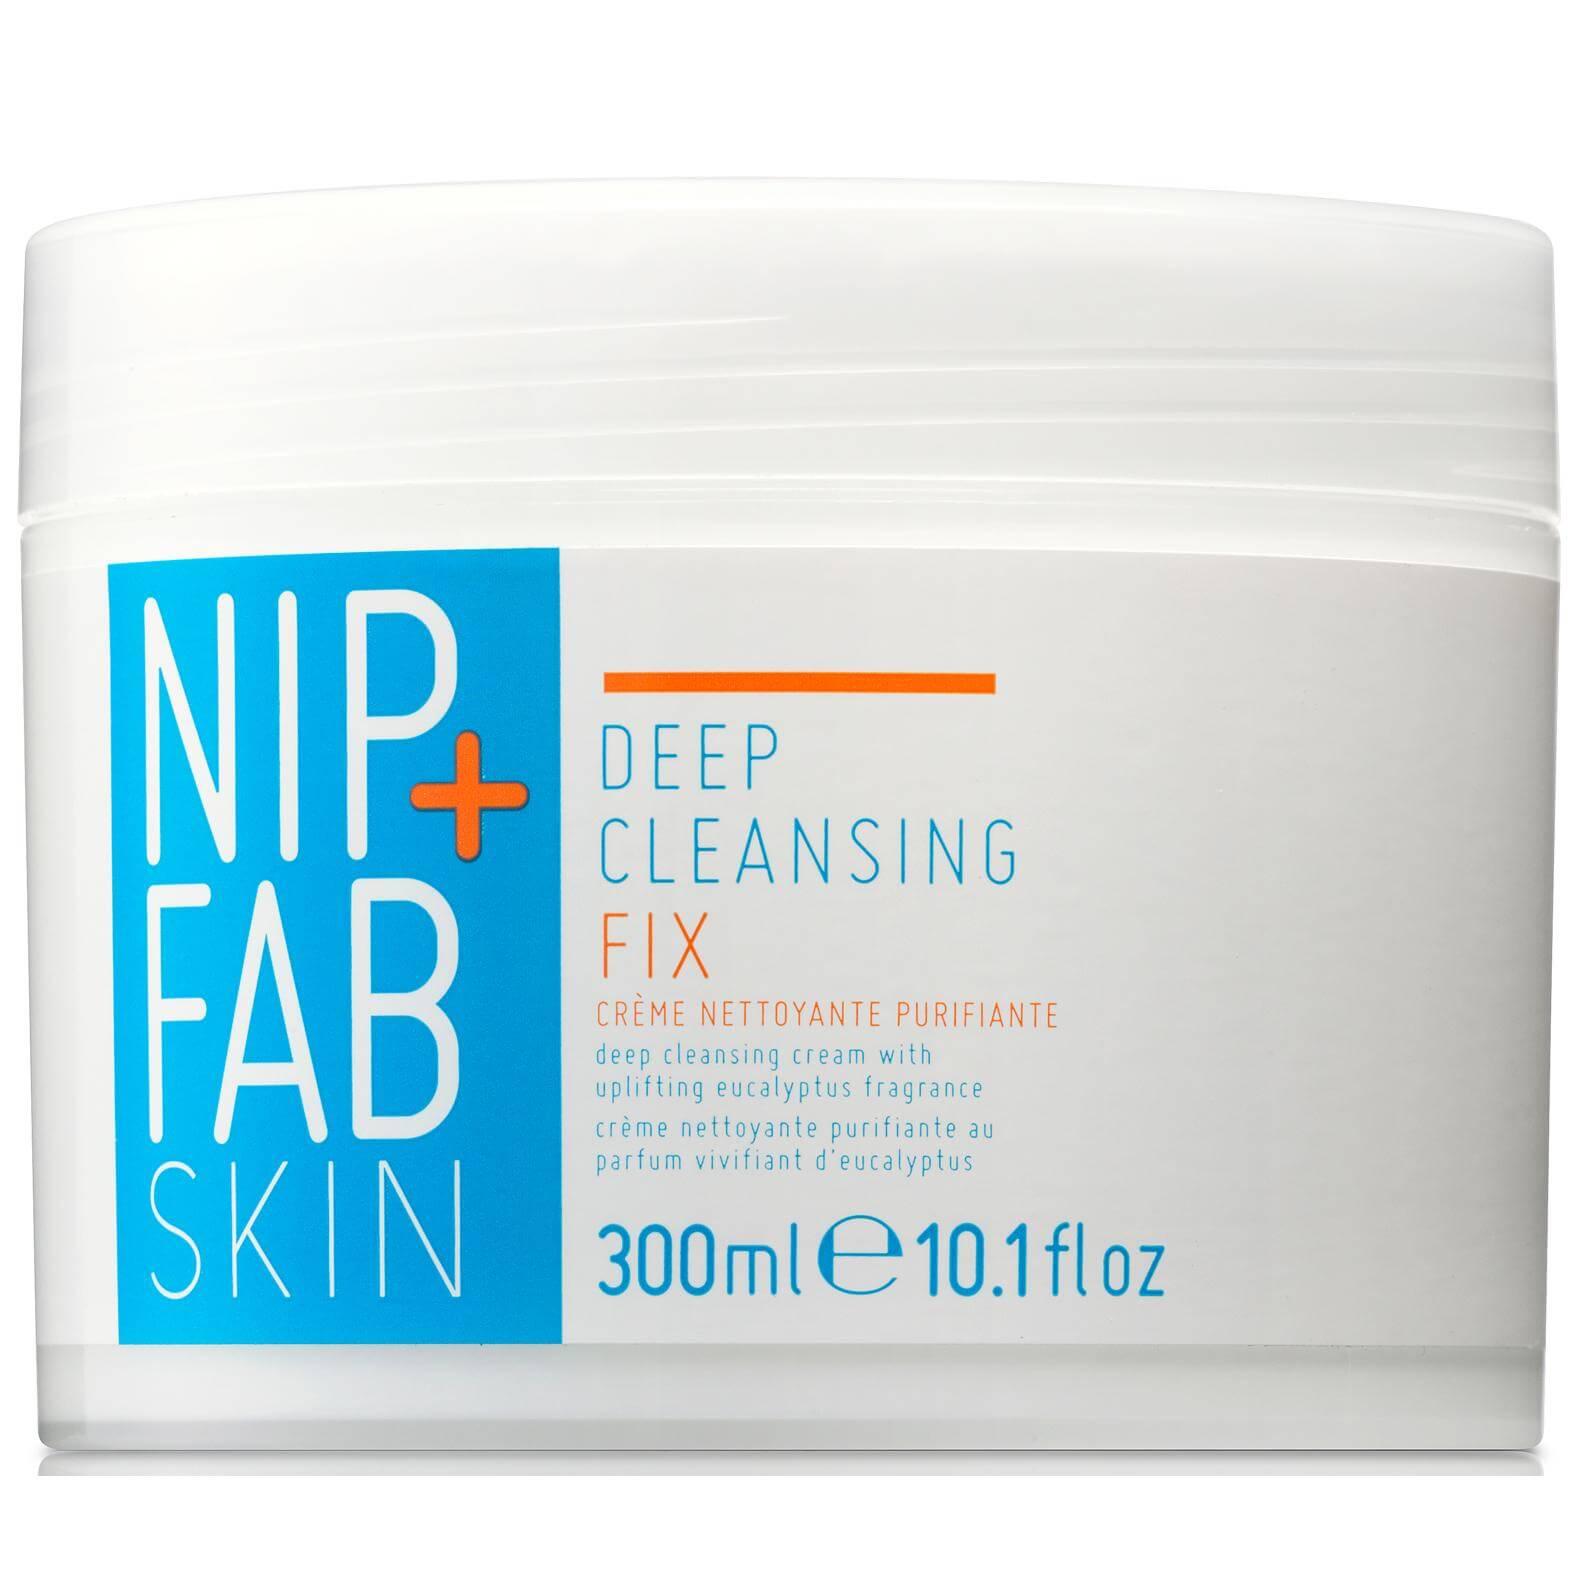 Nip + Fab Deep Cleansing Fix Πολυχρηστική Kρέμα Kαθαρισμού για το Πρόσωπο που Αφαιρεί το Μακιγιάζ & Εξυγιαίνει το Πρόσωπο 300ml